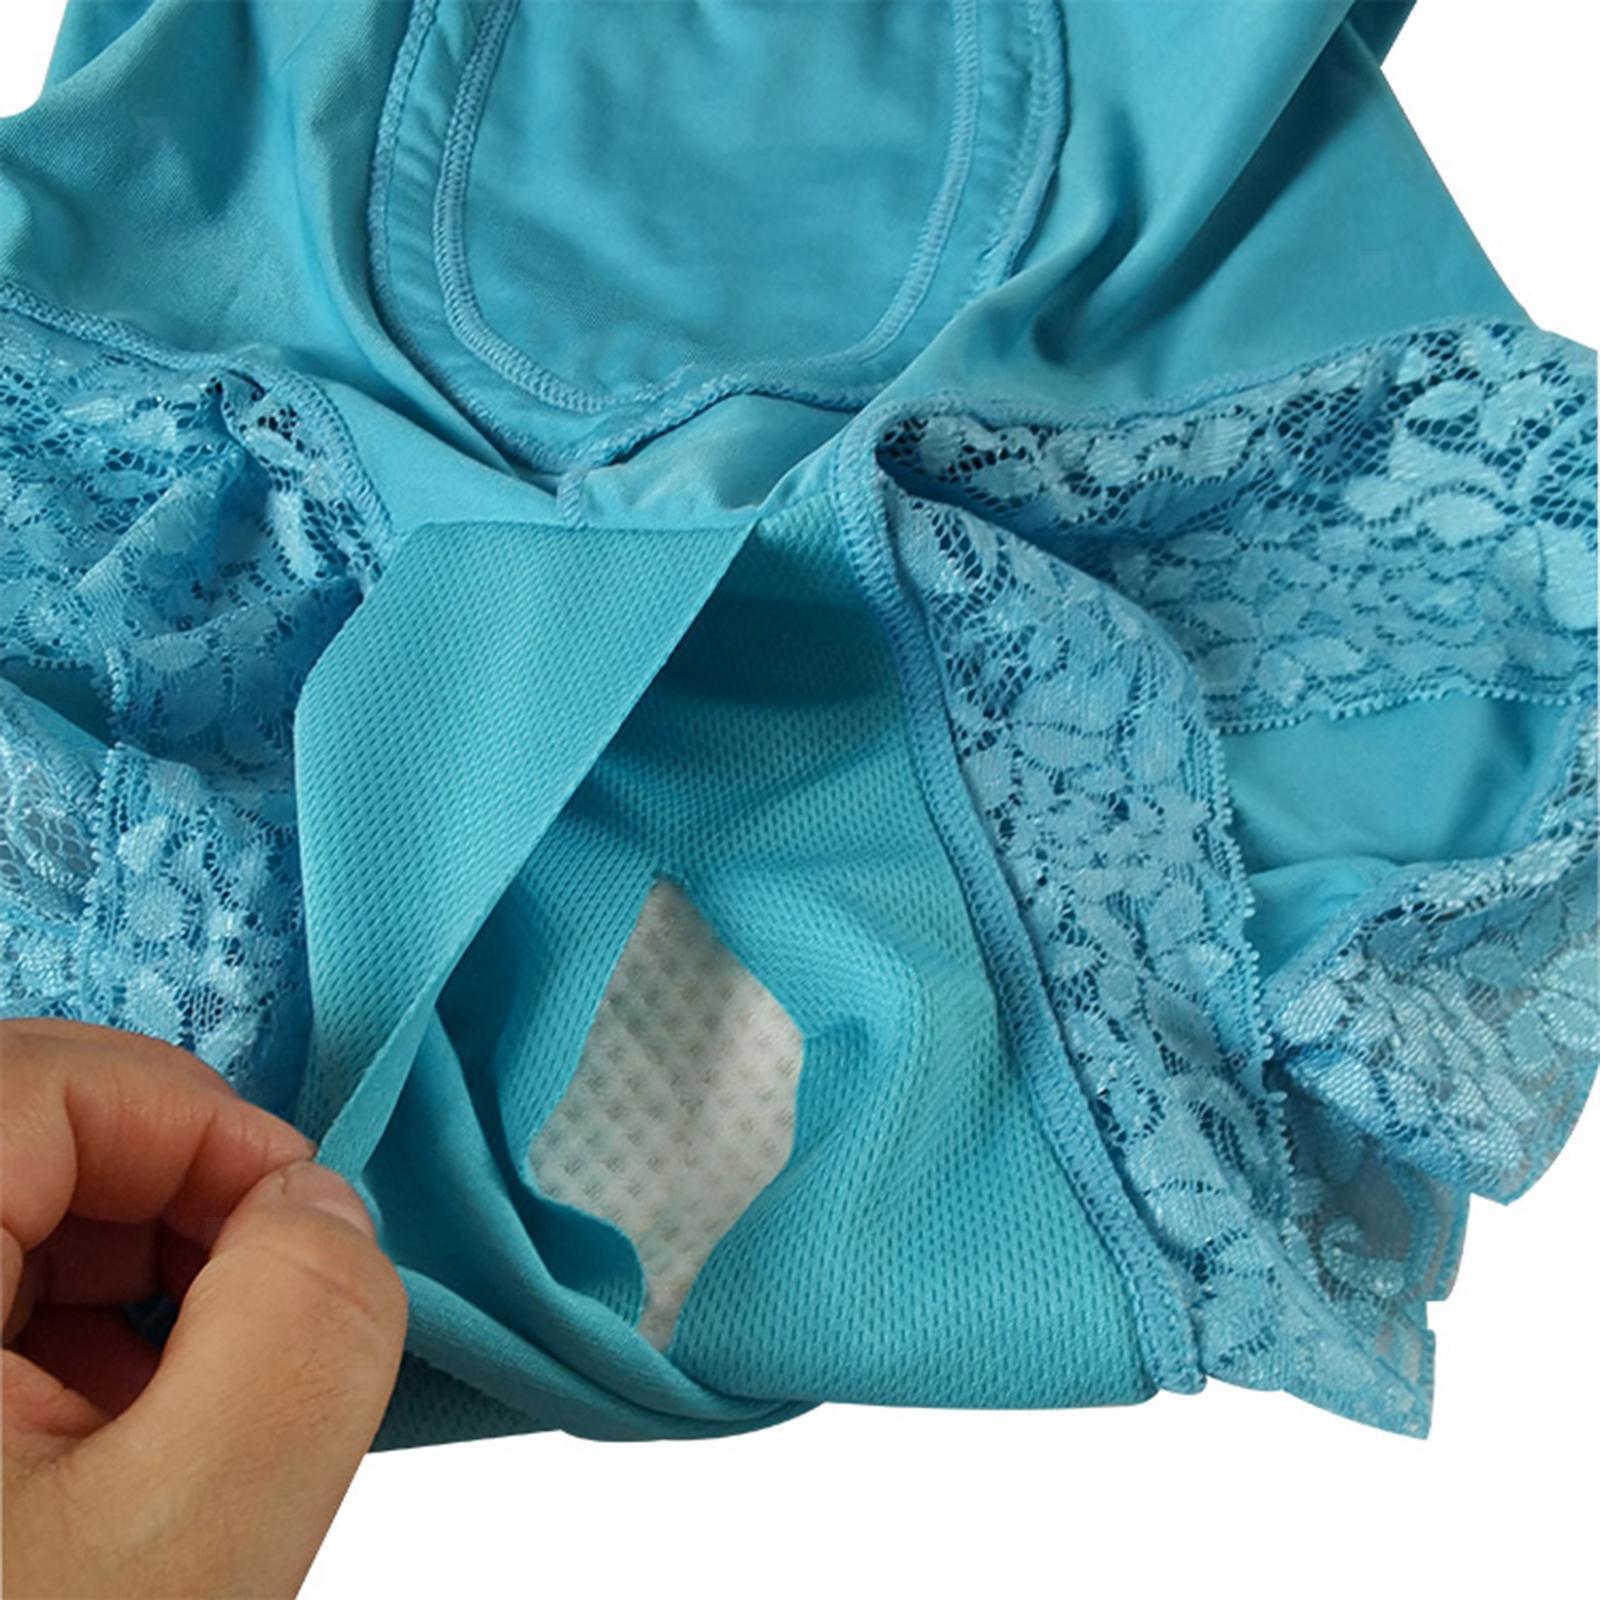 Indexbild 37 - Wiederverwendbare Inkontinenz Unterwäsche mit Pad für Frauen Menstruations